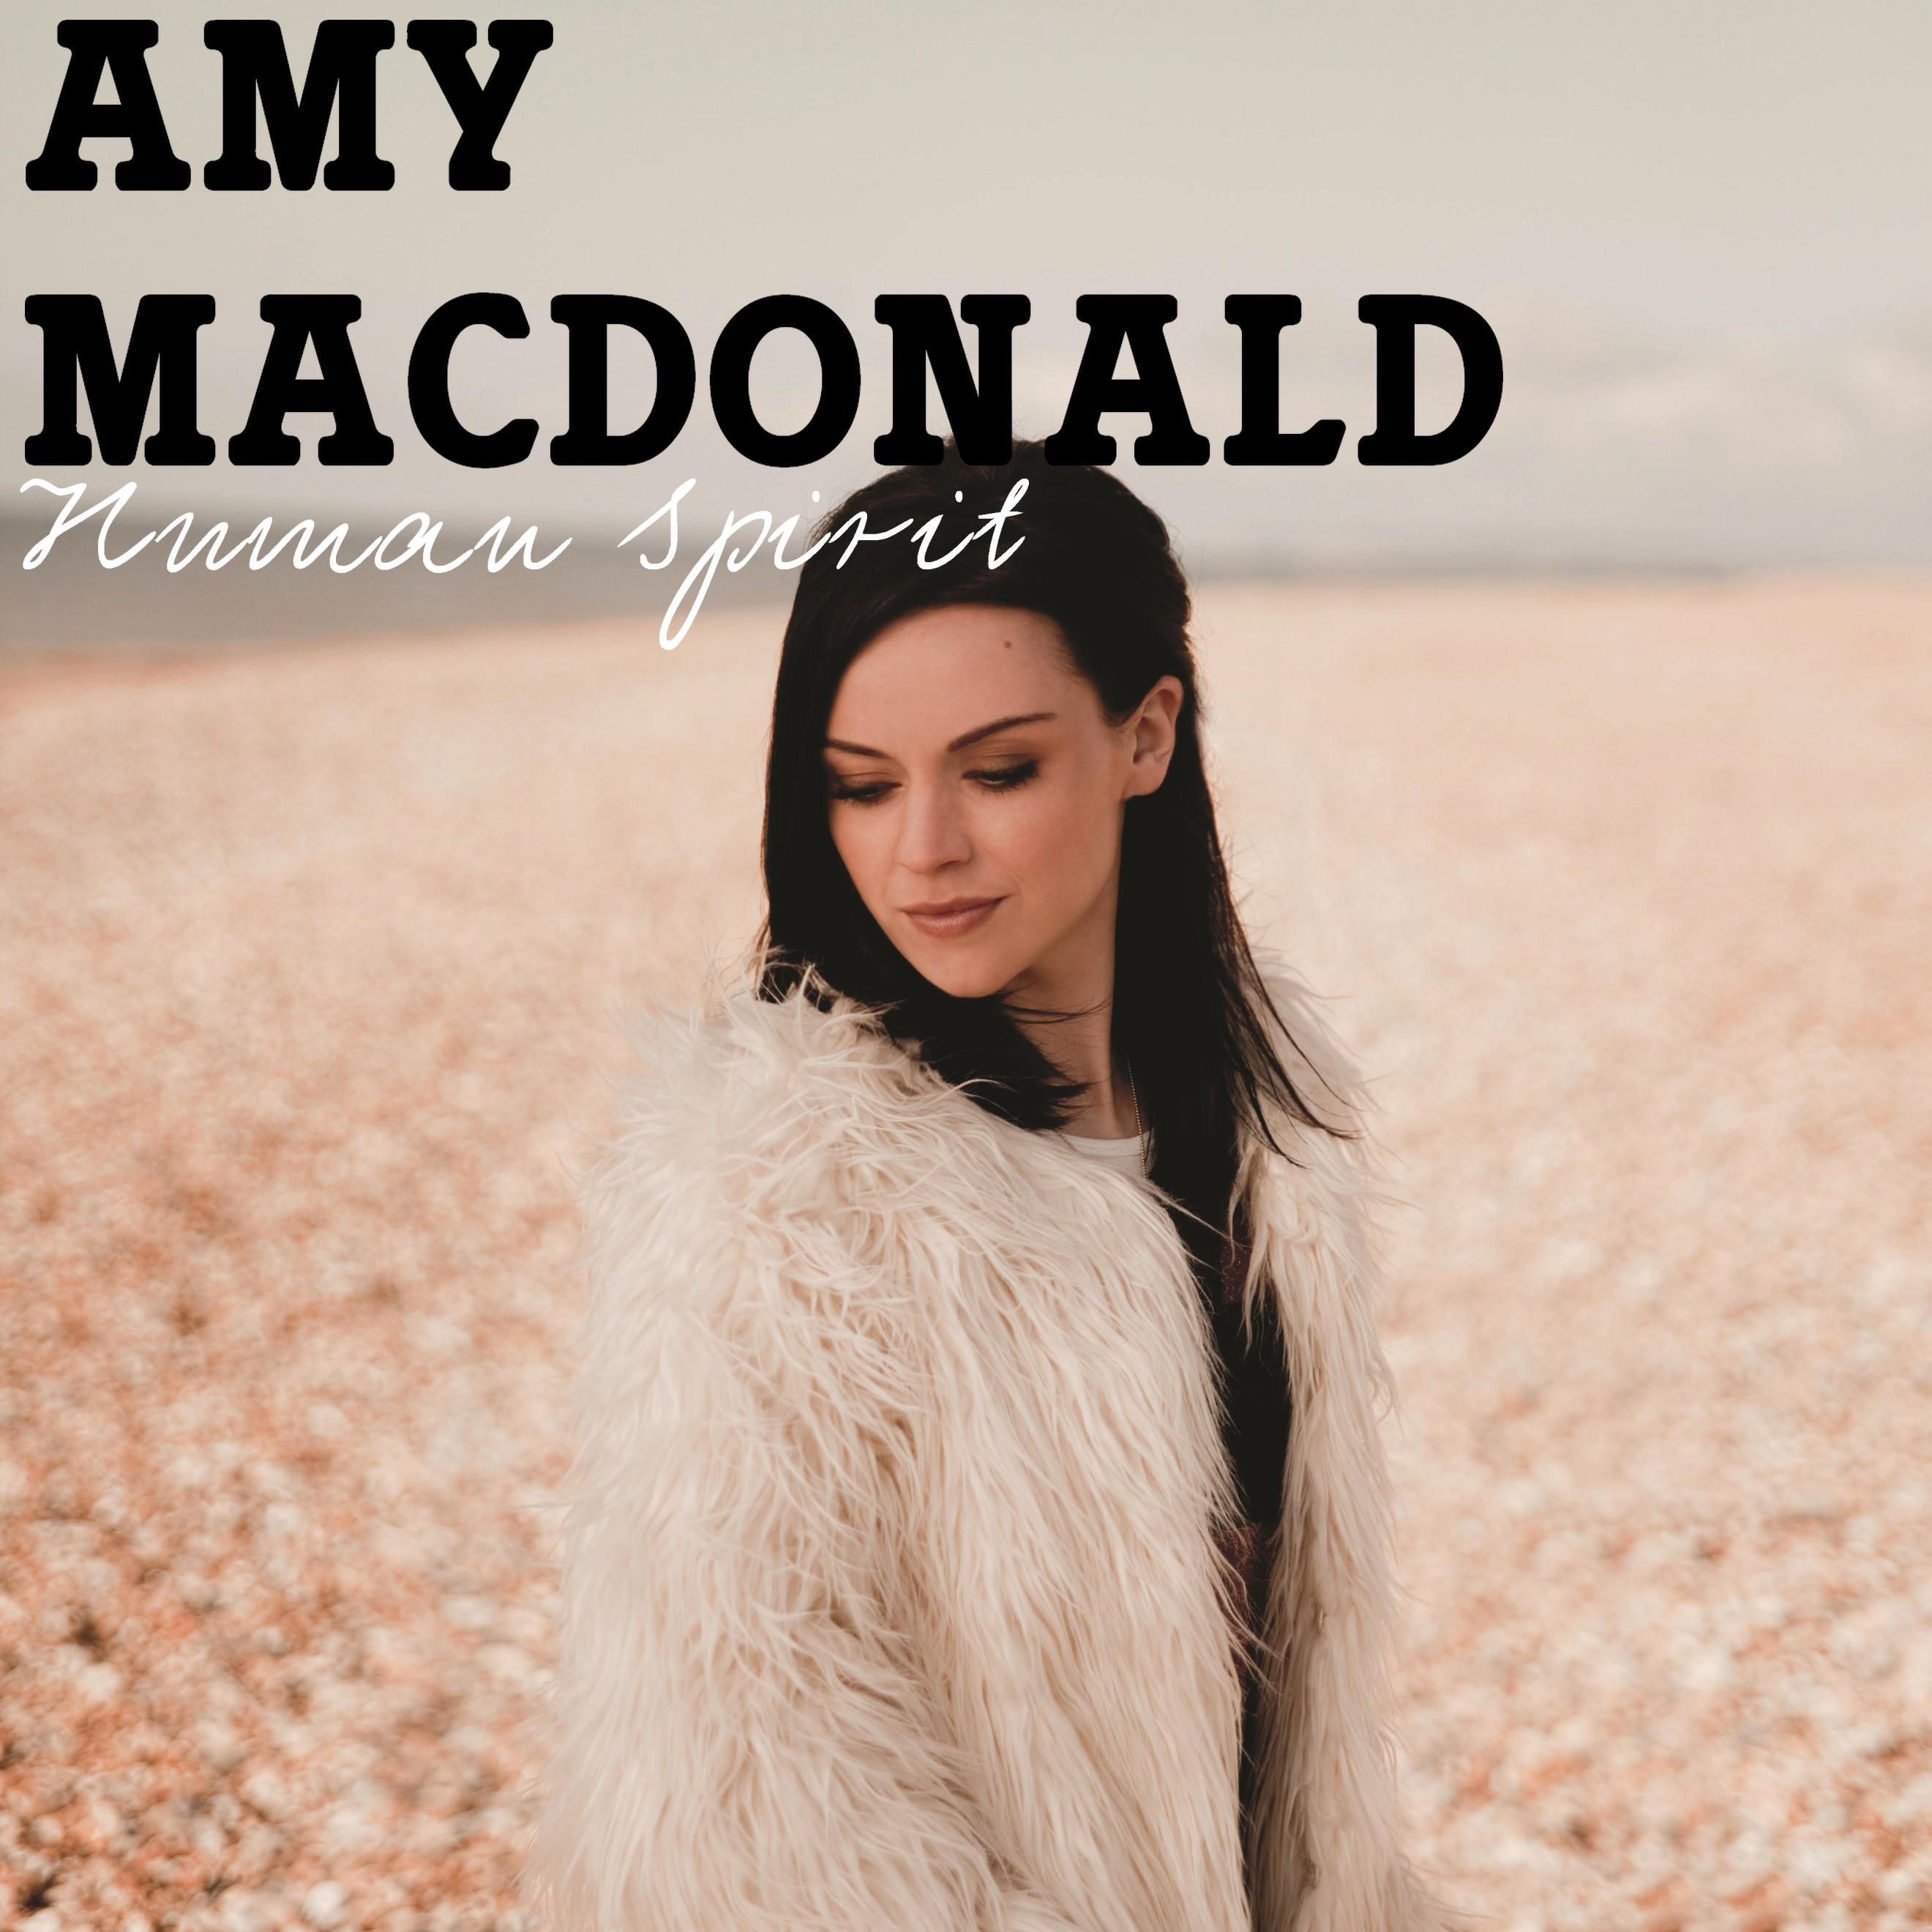 AMY MACDONALD - HUMAN SPIRIT LYRICS